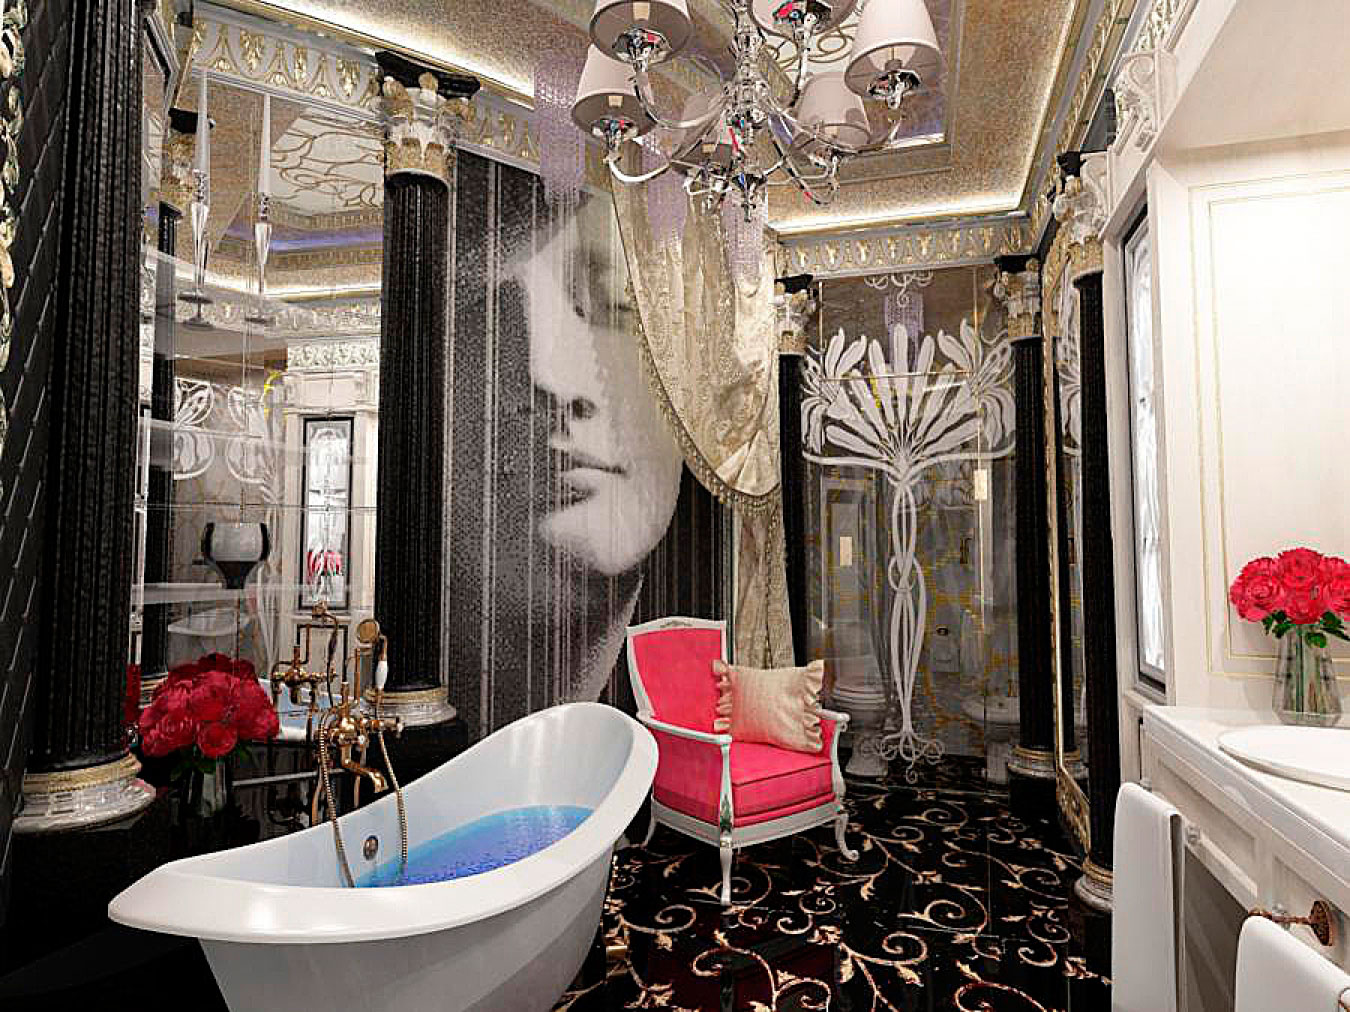 Стиль арт-деко в интерьере ванной комнаты фото